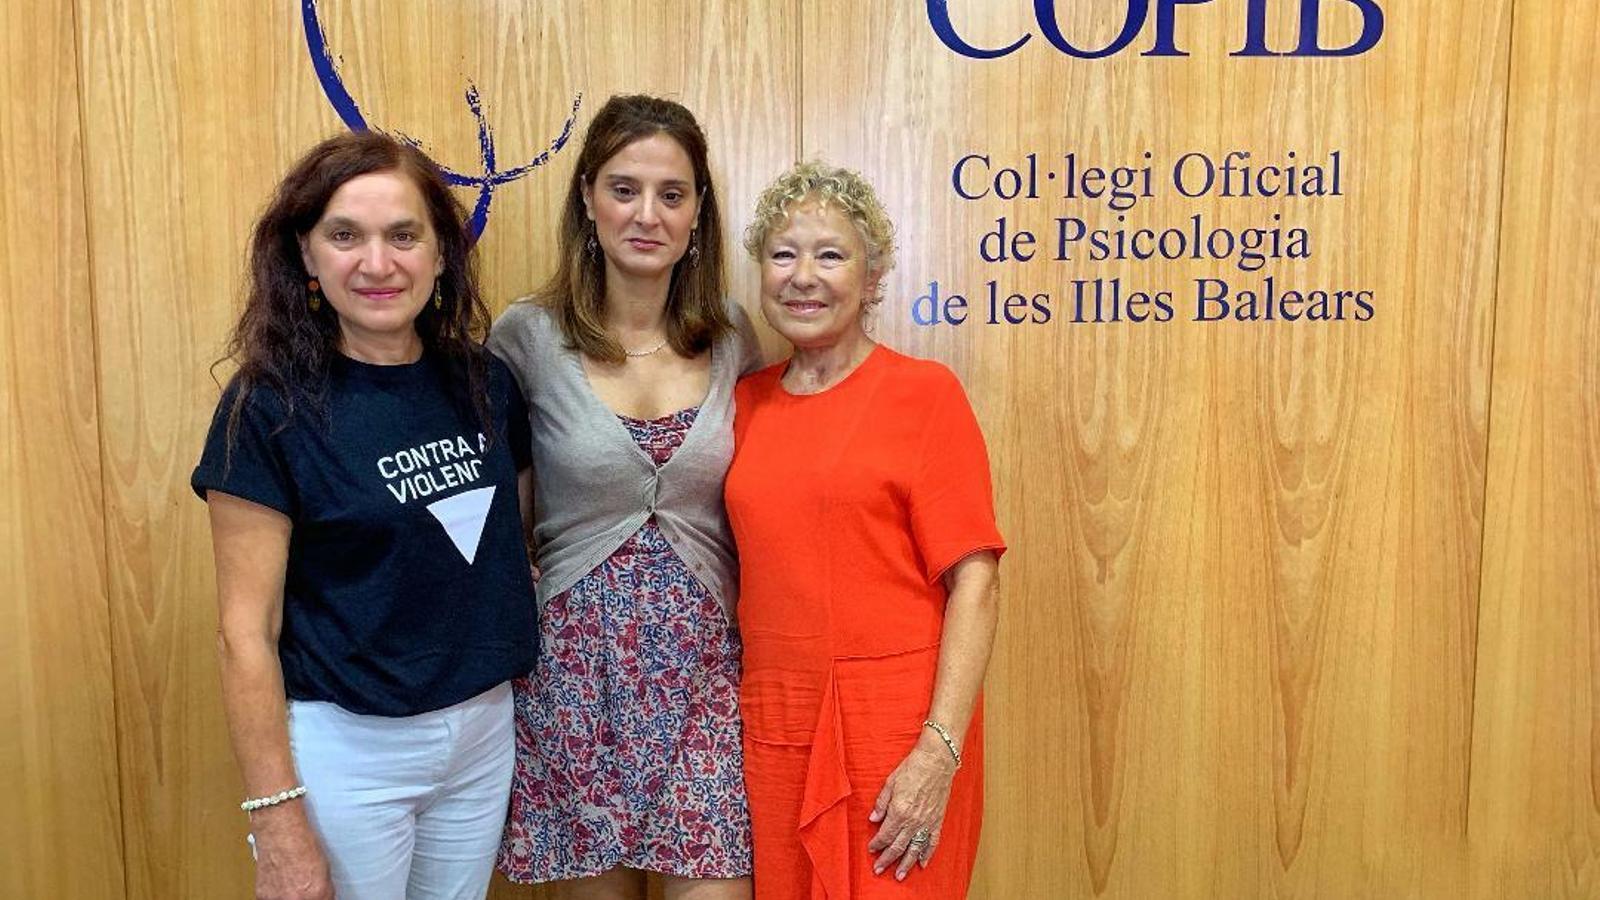 De izquierda a derecha Rosa Álvarez, Ana María Madrid y María José Martínez.